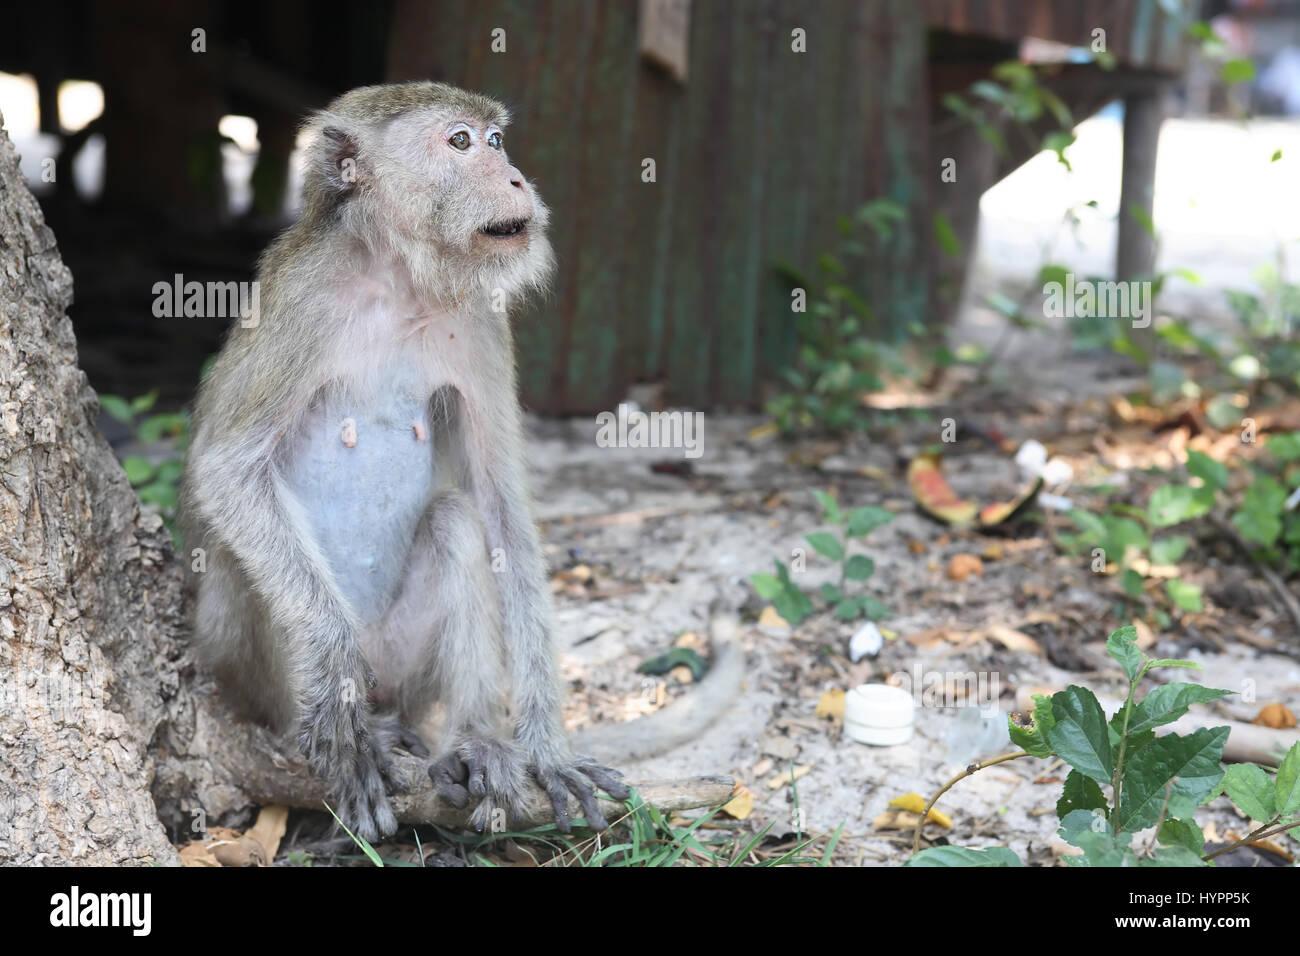 Groß Malvorlagen Affen Springen Bett Bilder ...